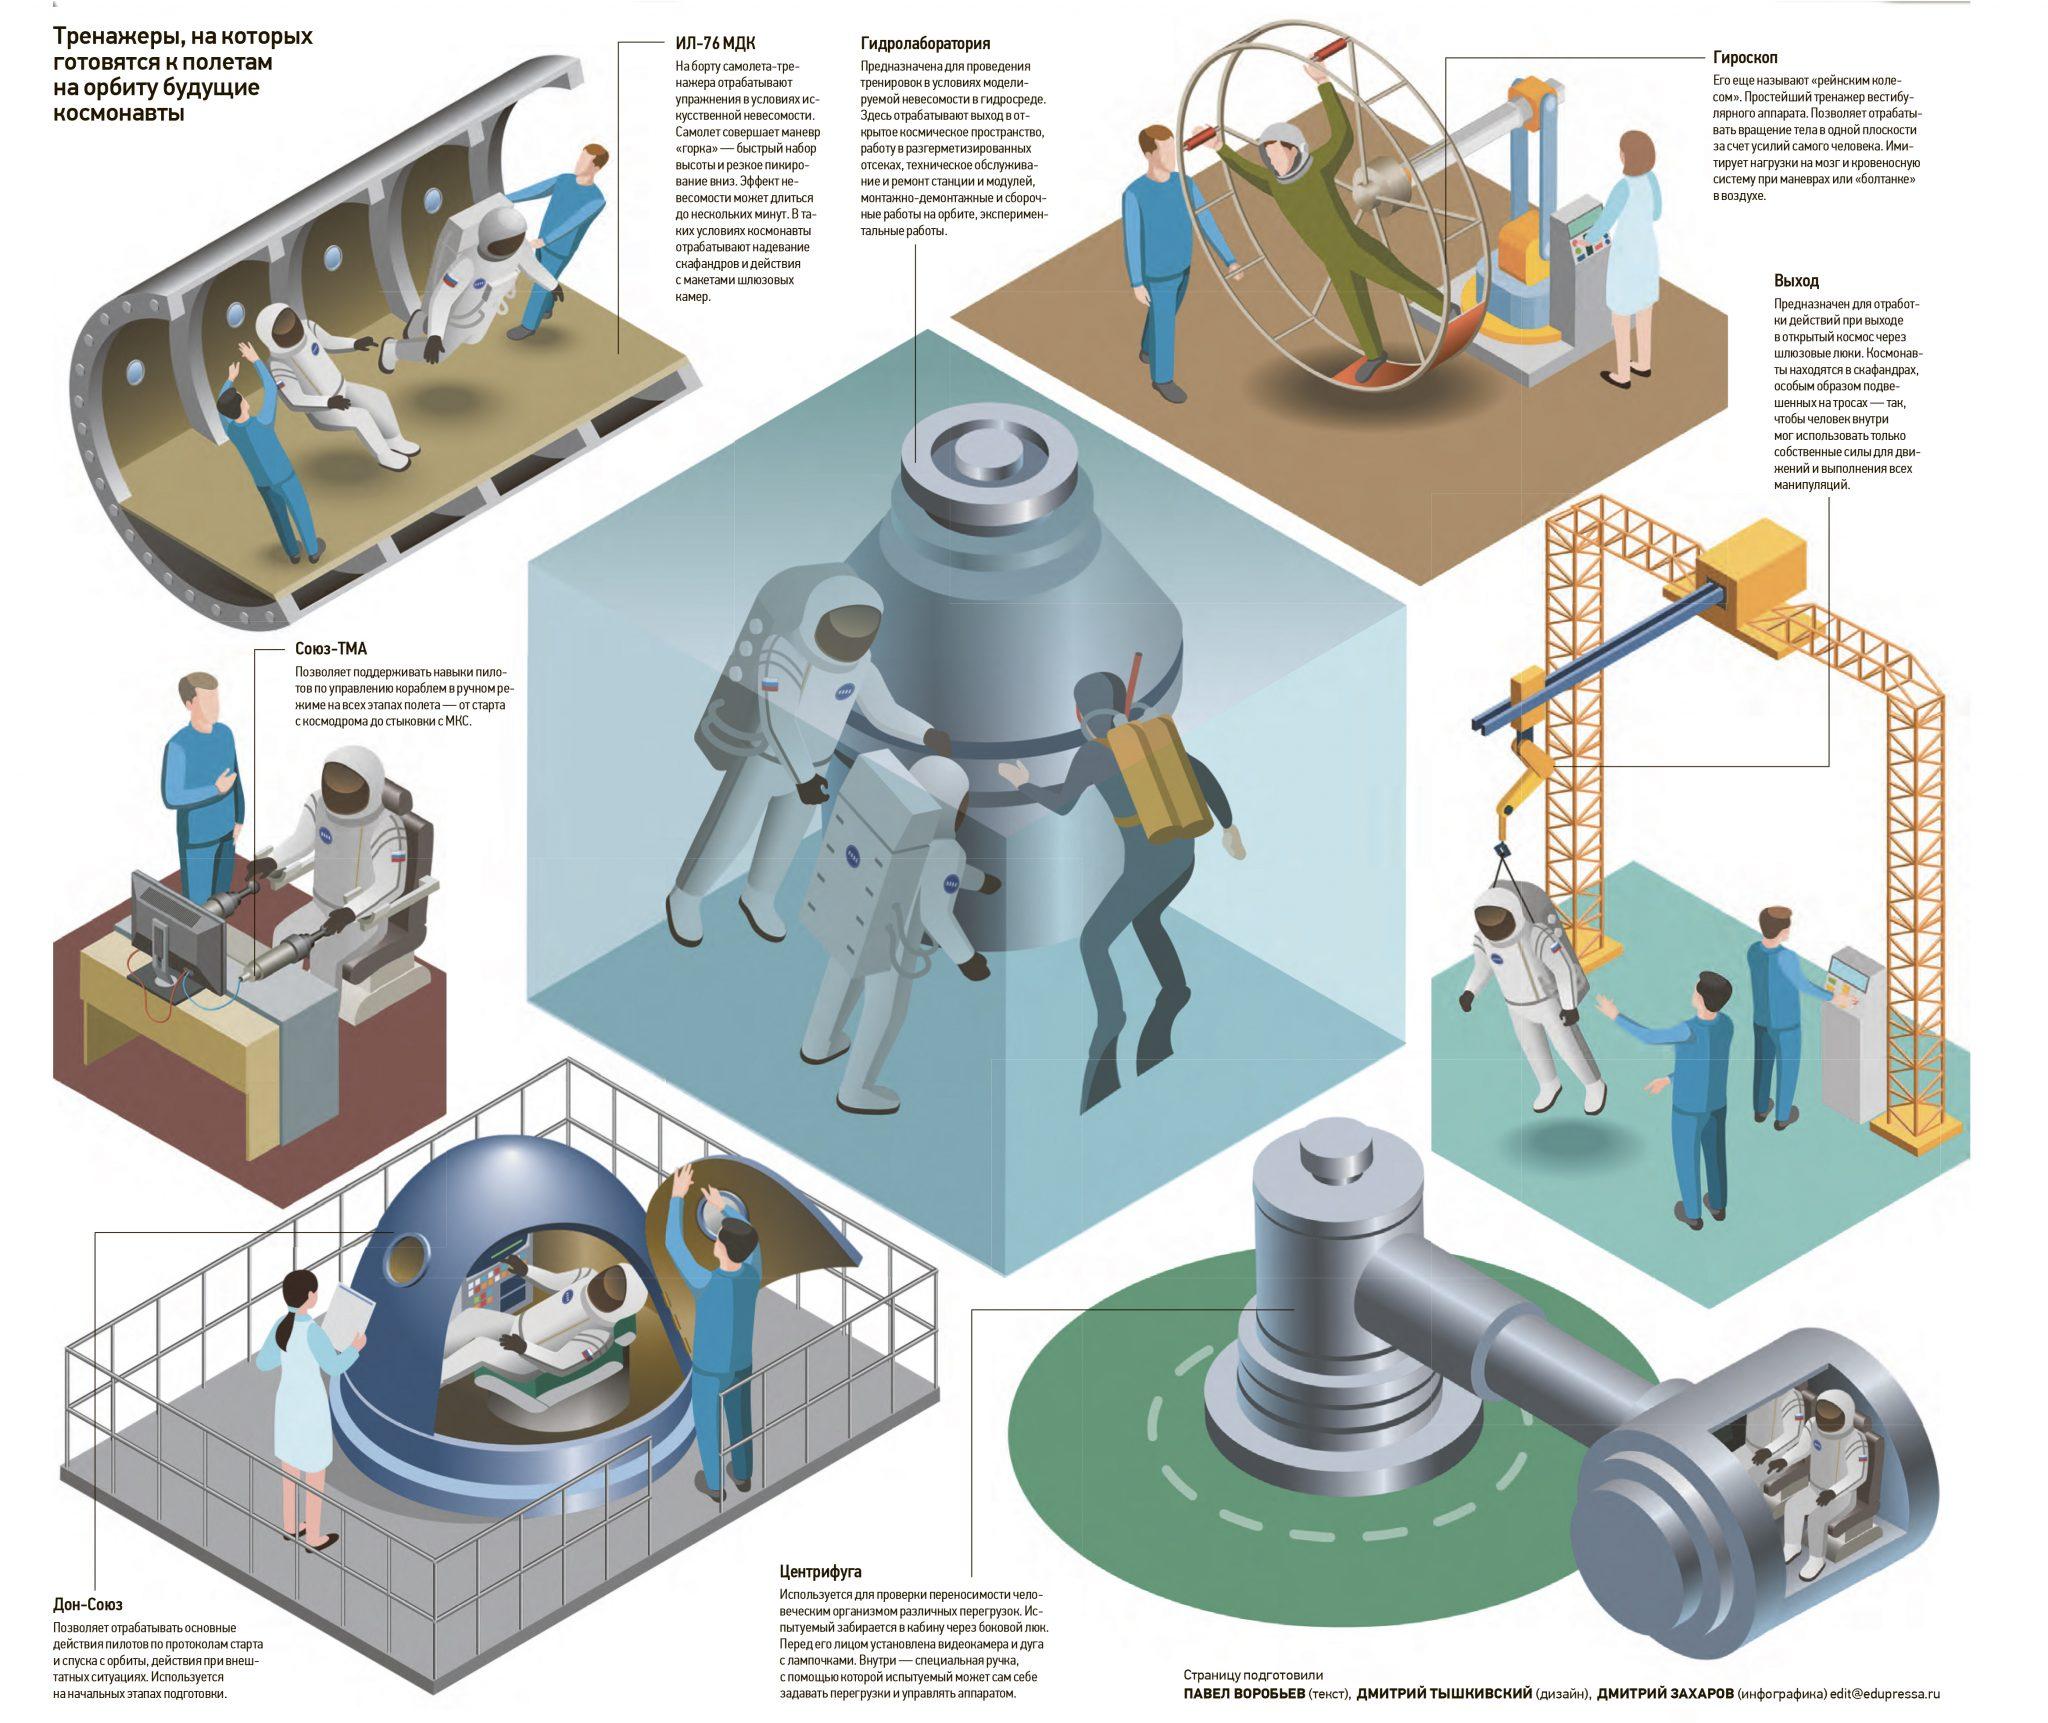 Инфографика. Автор: Дмитрий Захаров